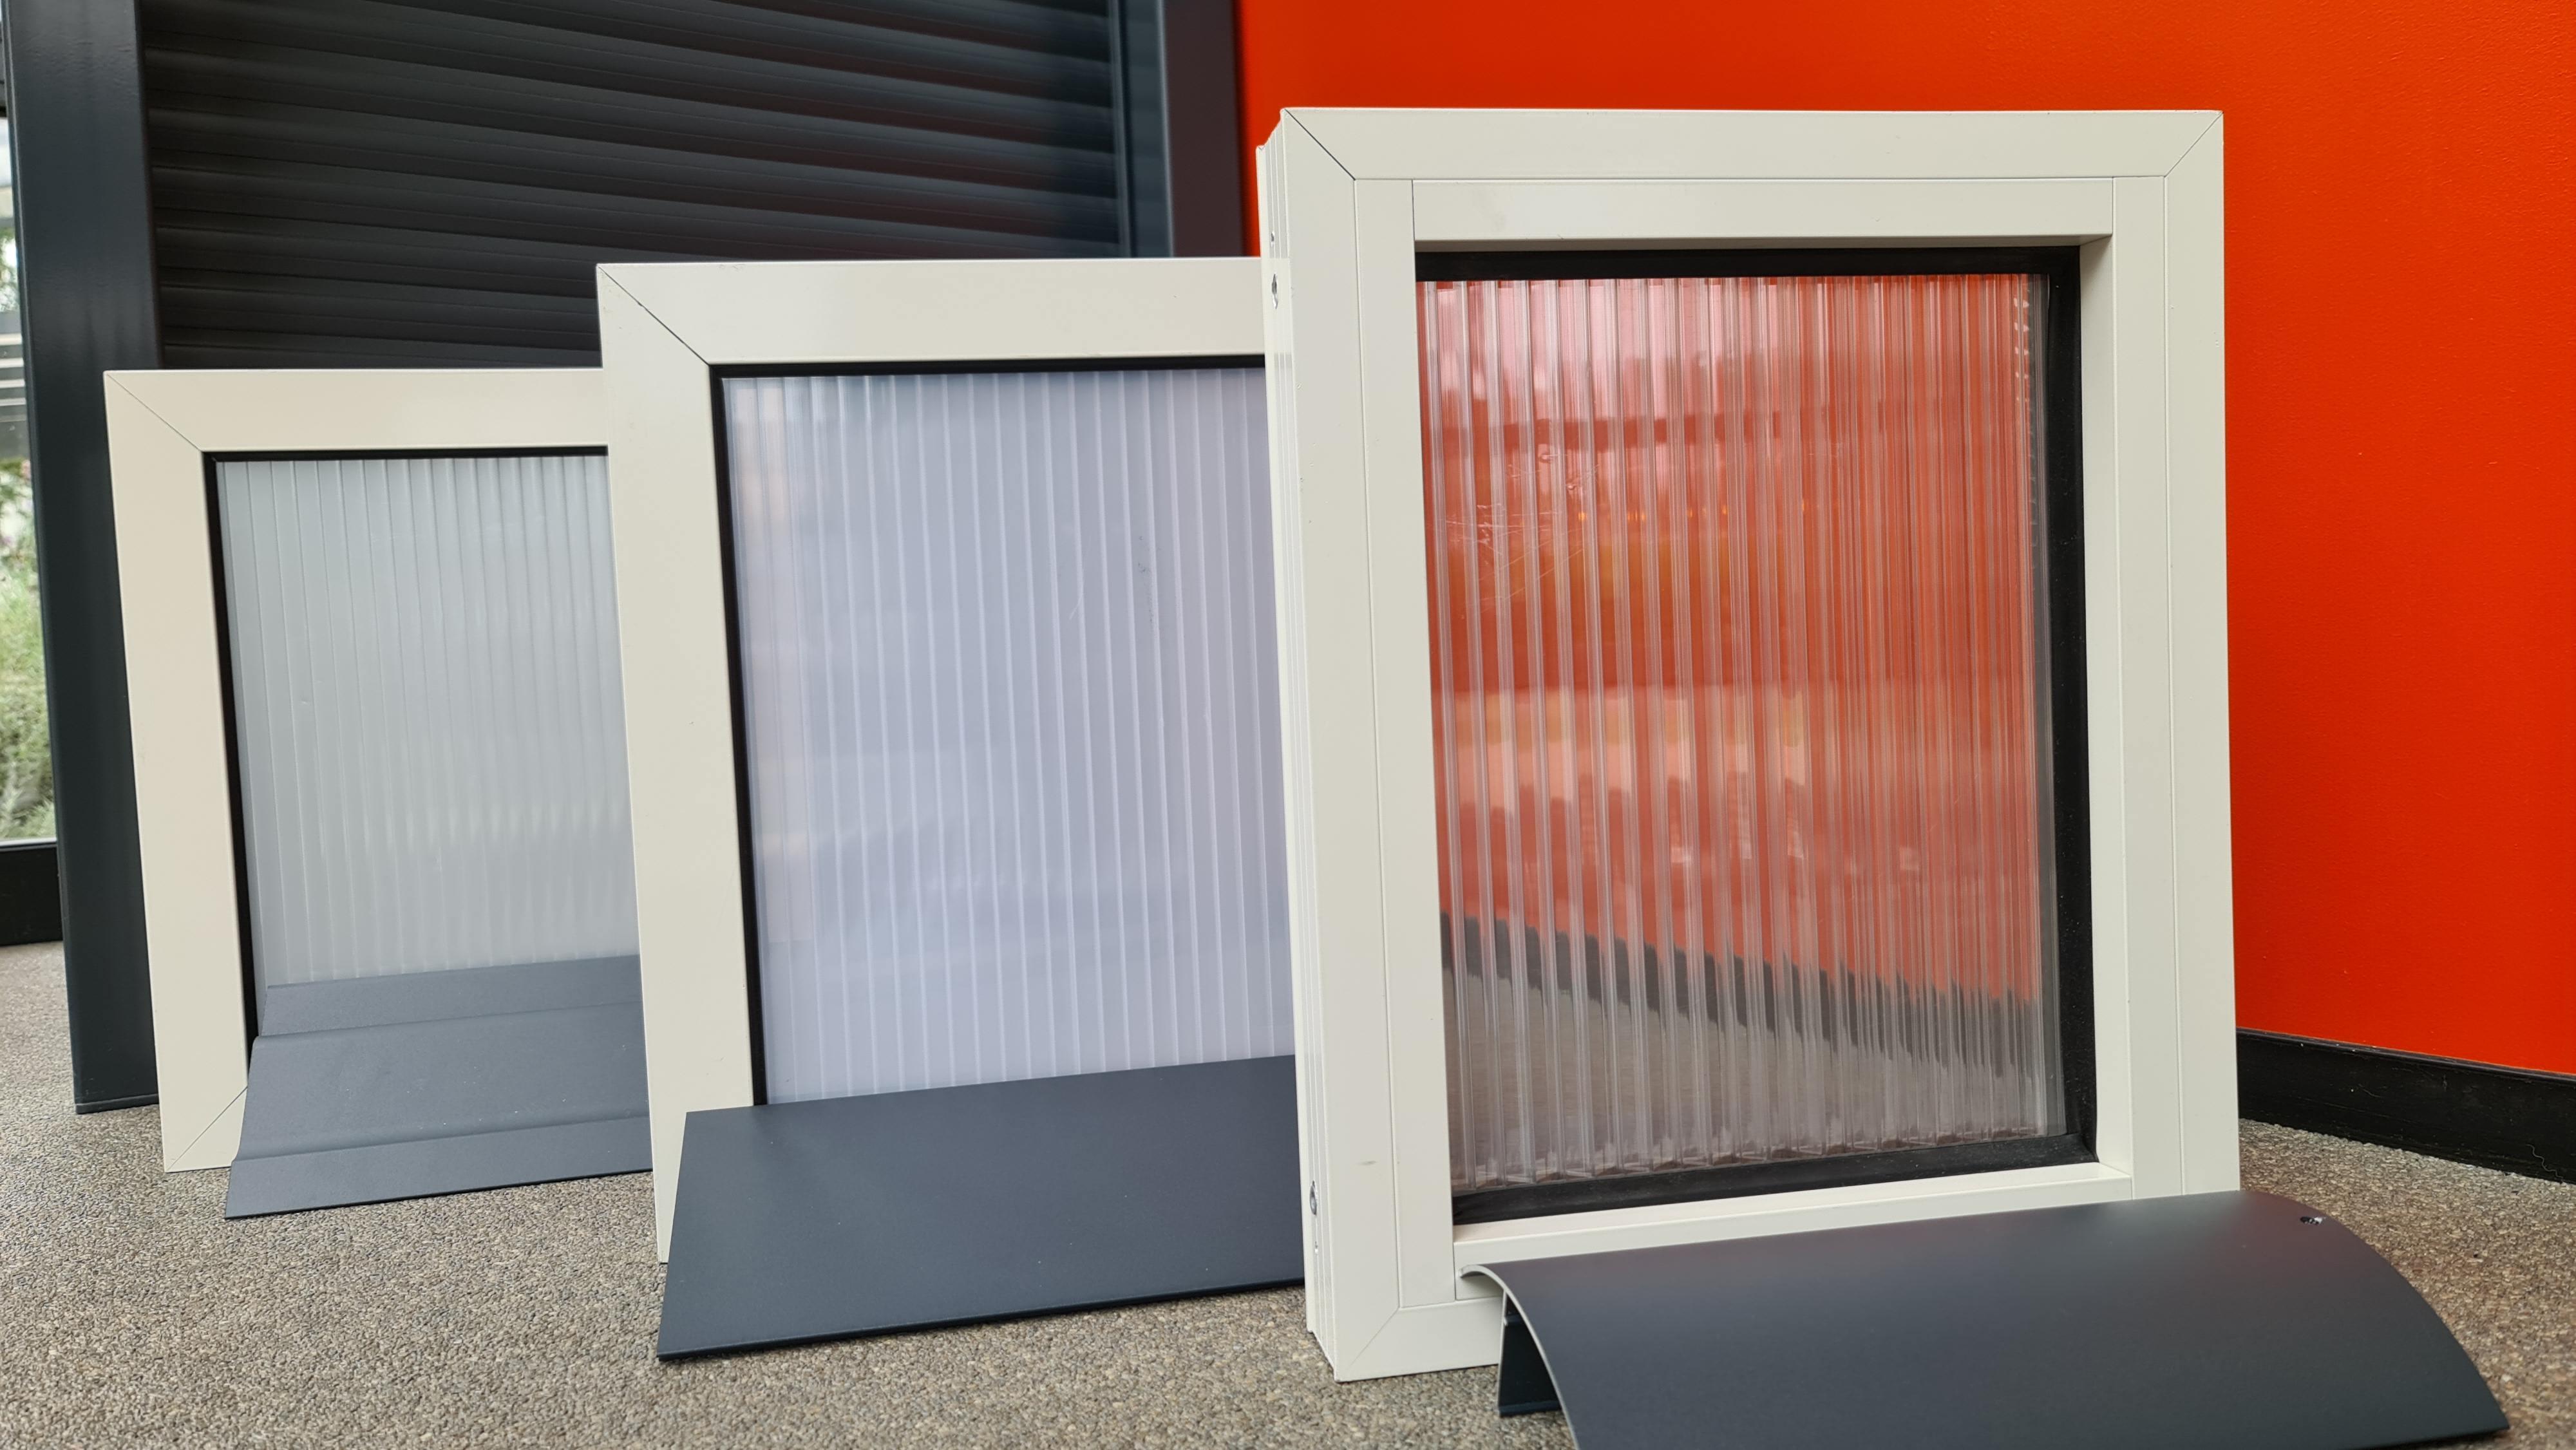 Jubileum-actie: Gratis upgrade naar 'Reflex Pearl' bij aanschaf polycarbonaat terrasoverkapping